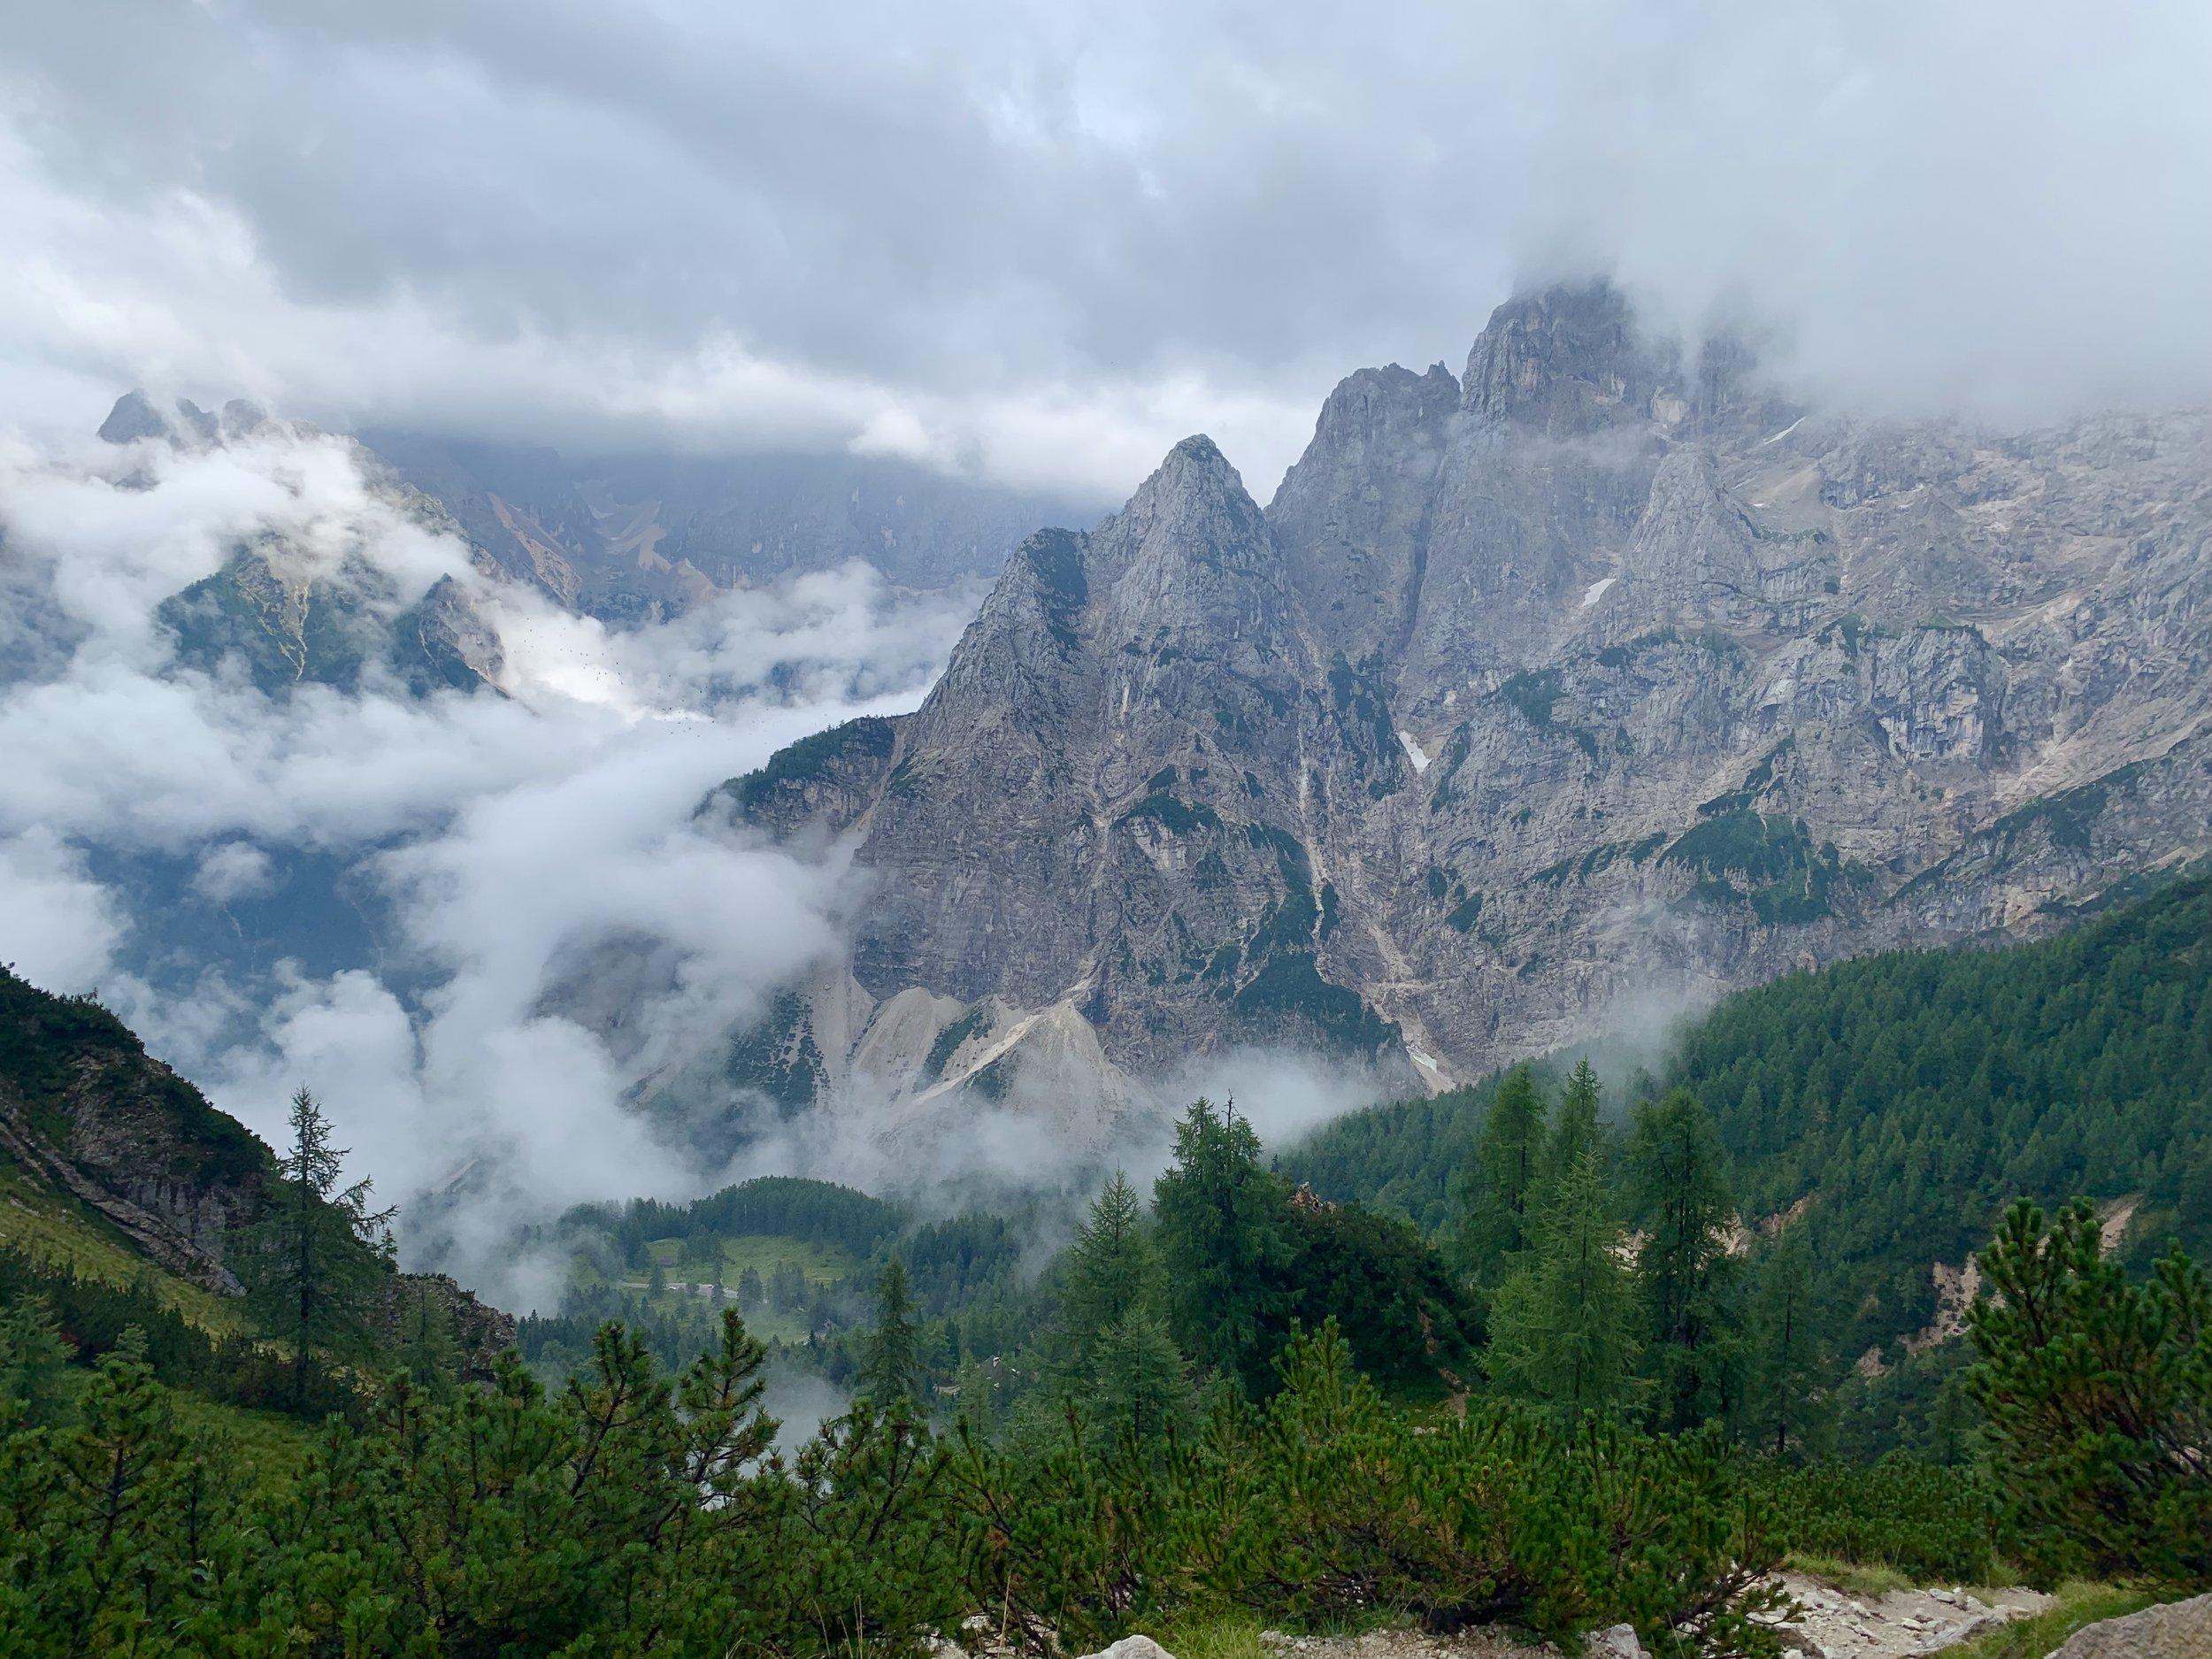 View towards Vrsic Pass